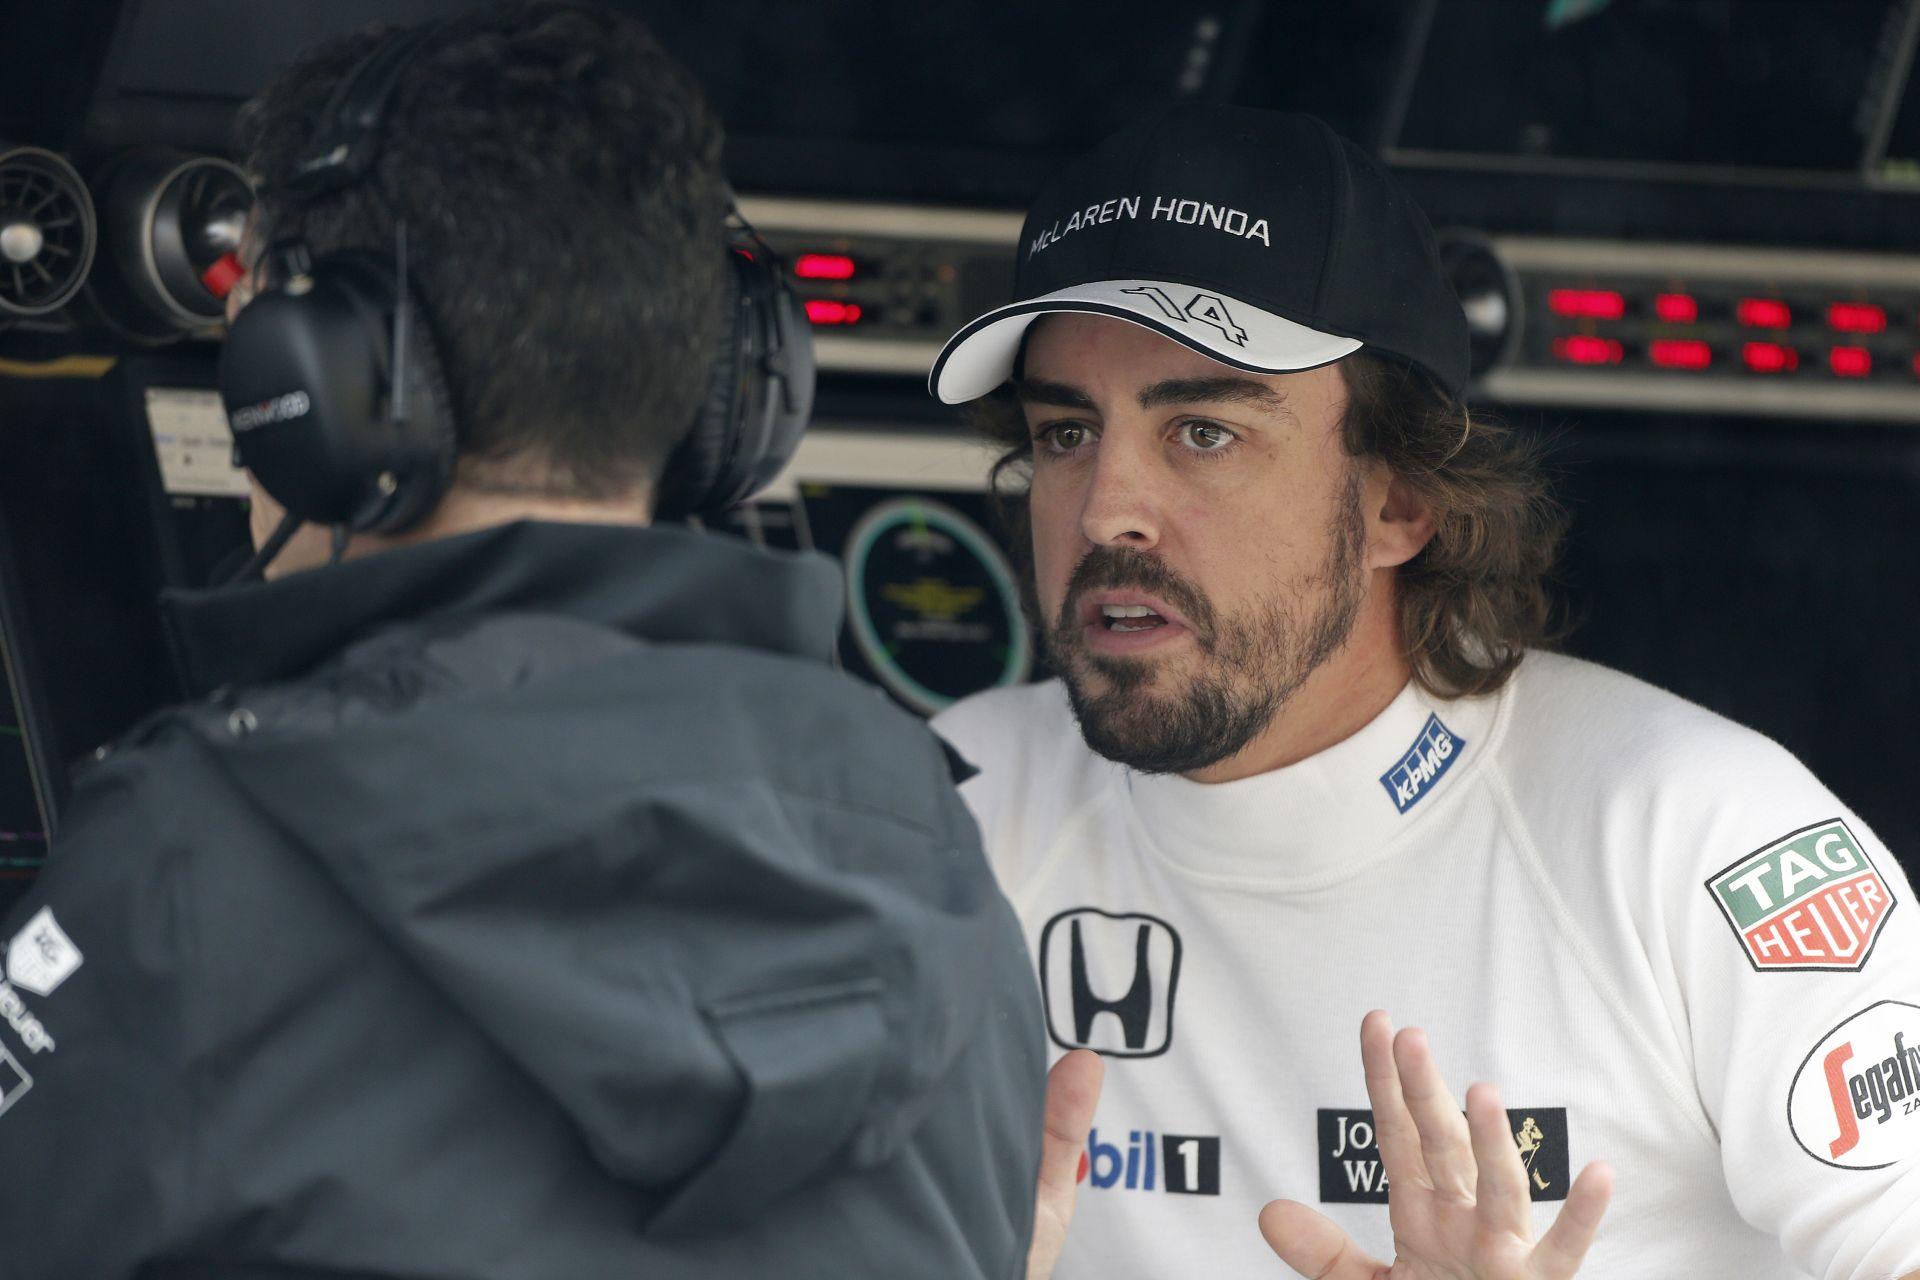 """Coulthard: """"Remélem nem lesz igazam, és Alonso a Forma-1-ben marad"""""""